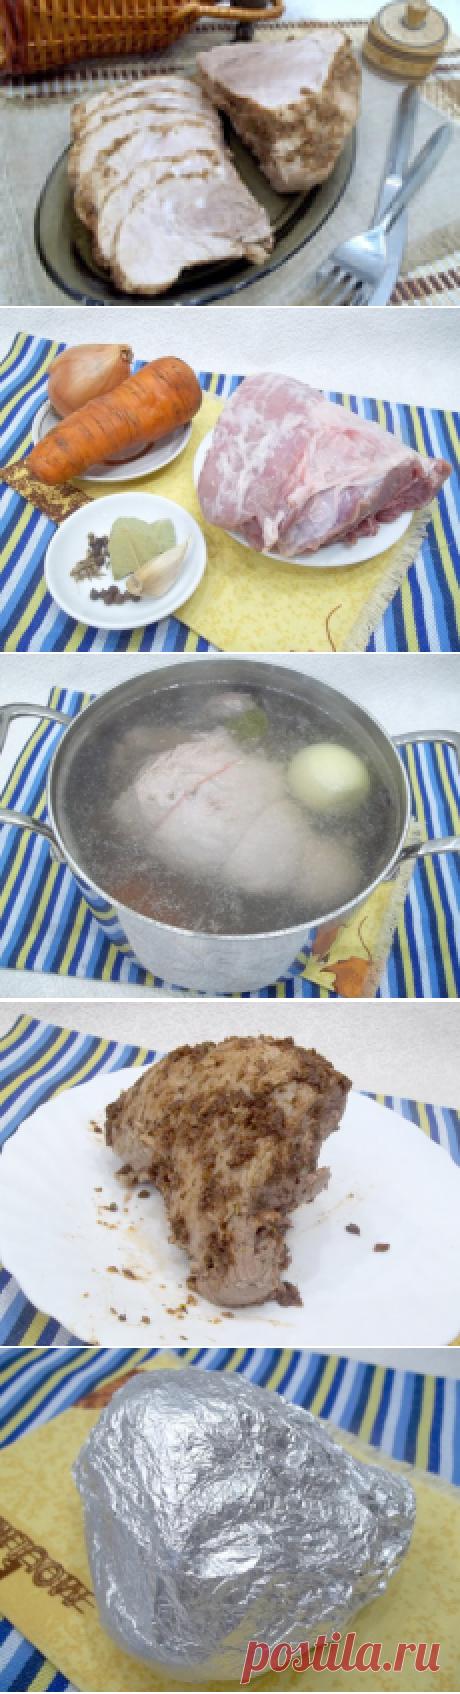 Домашняя буженина- рецепт не требует ни времени, ни усилий, даже духовки не надо..